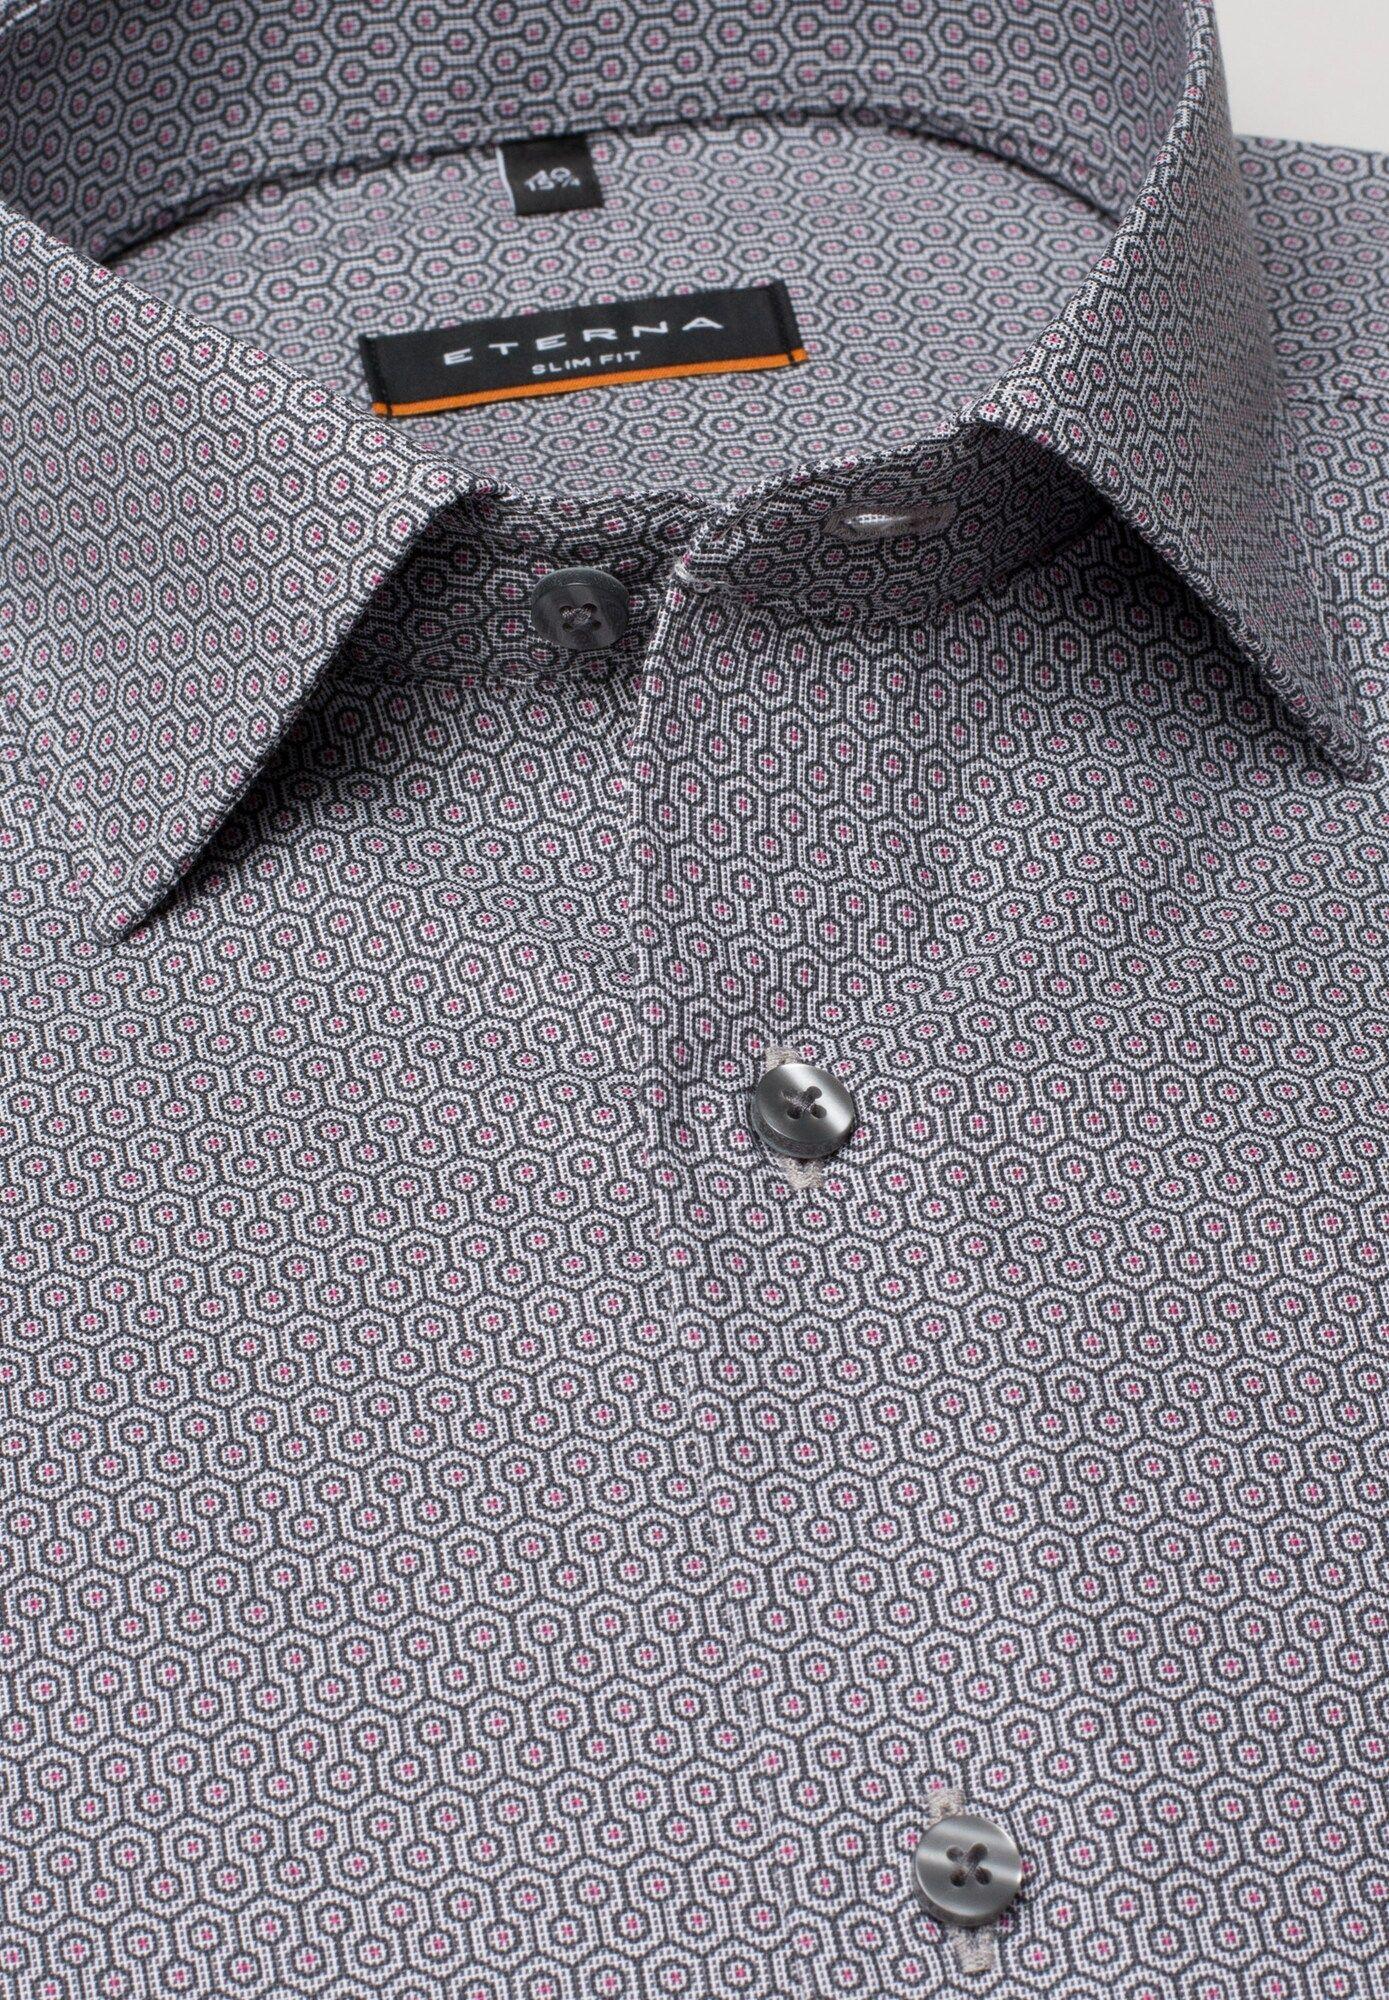 pin von harrie cho auf 2021 f/w in 2020 | hemd, eterna